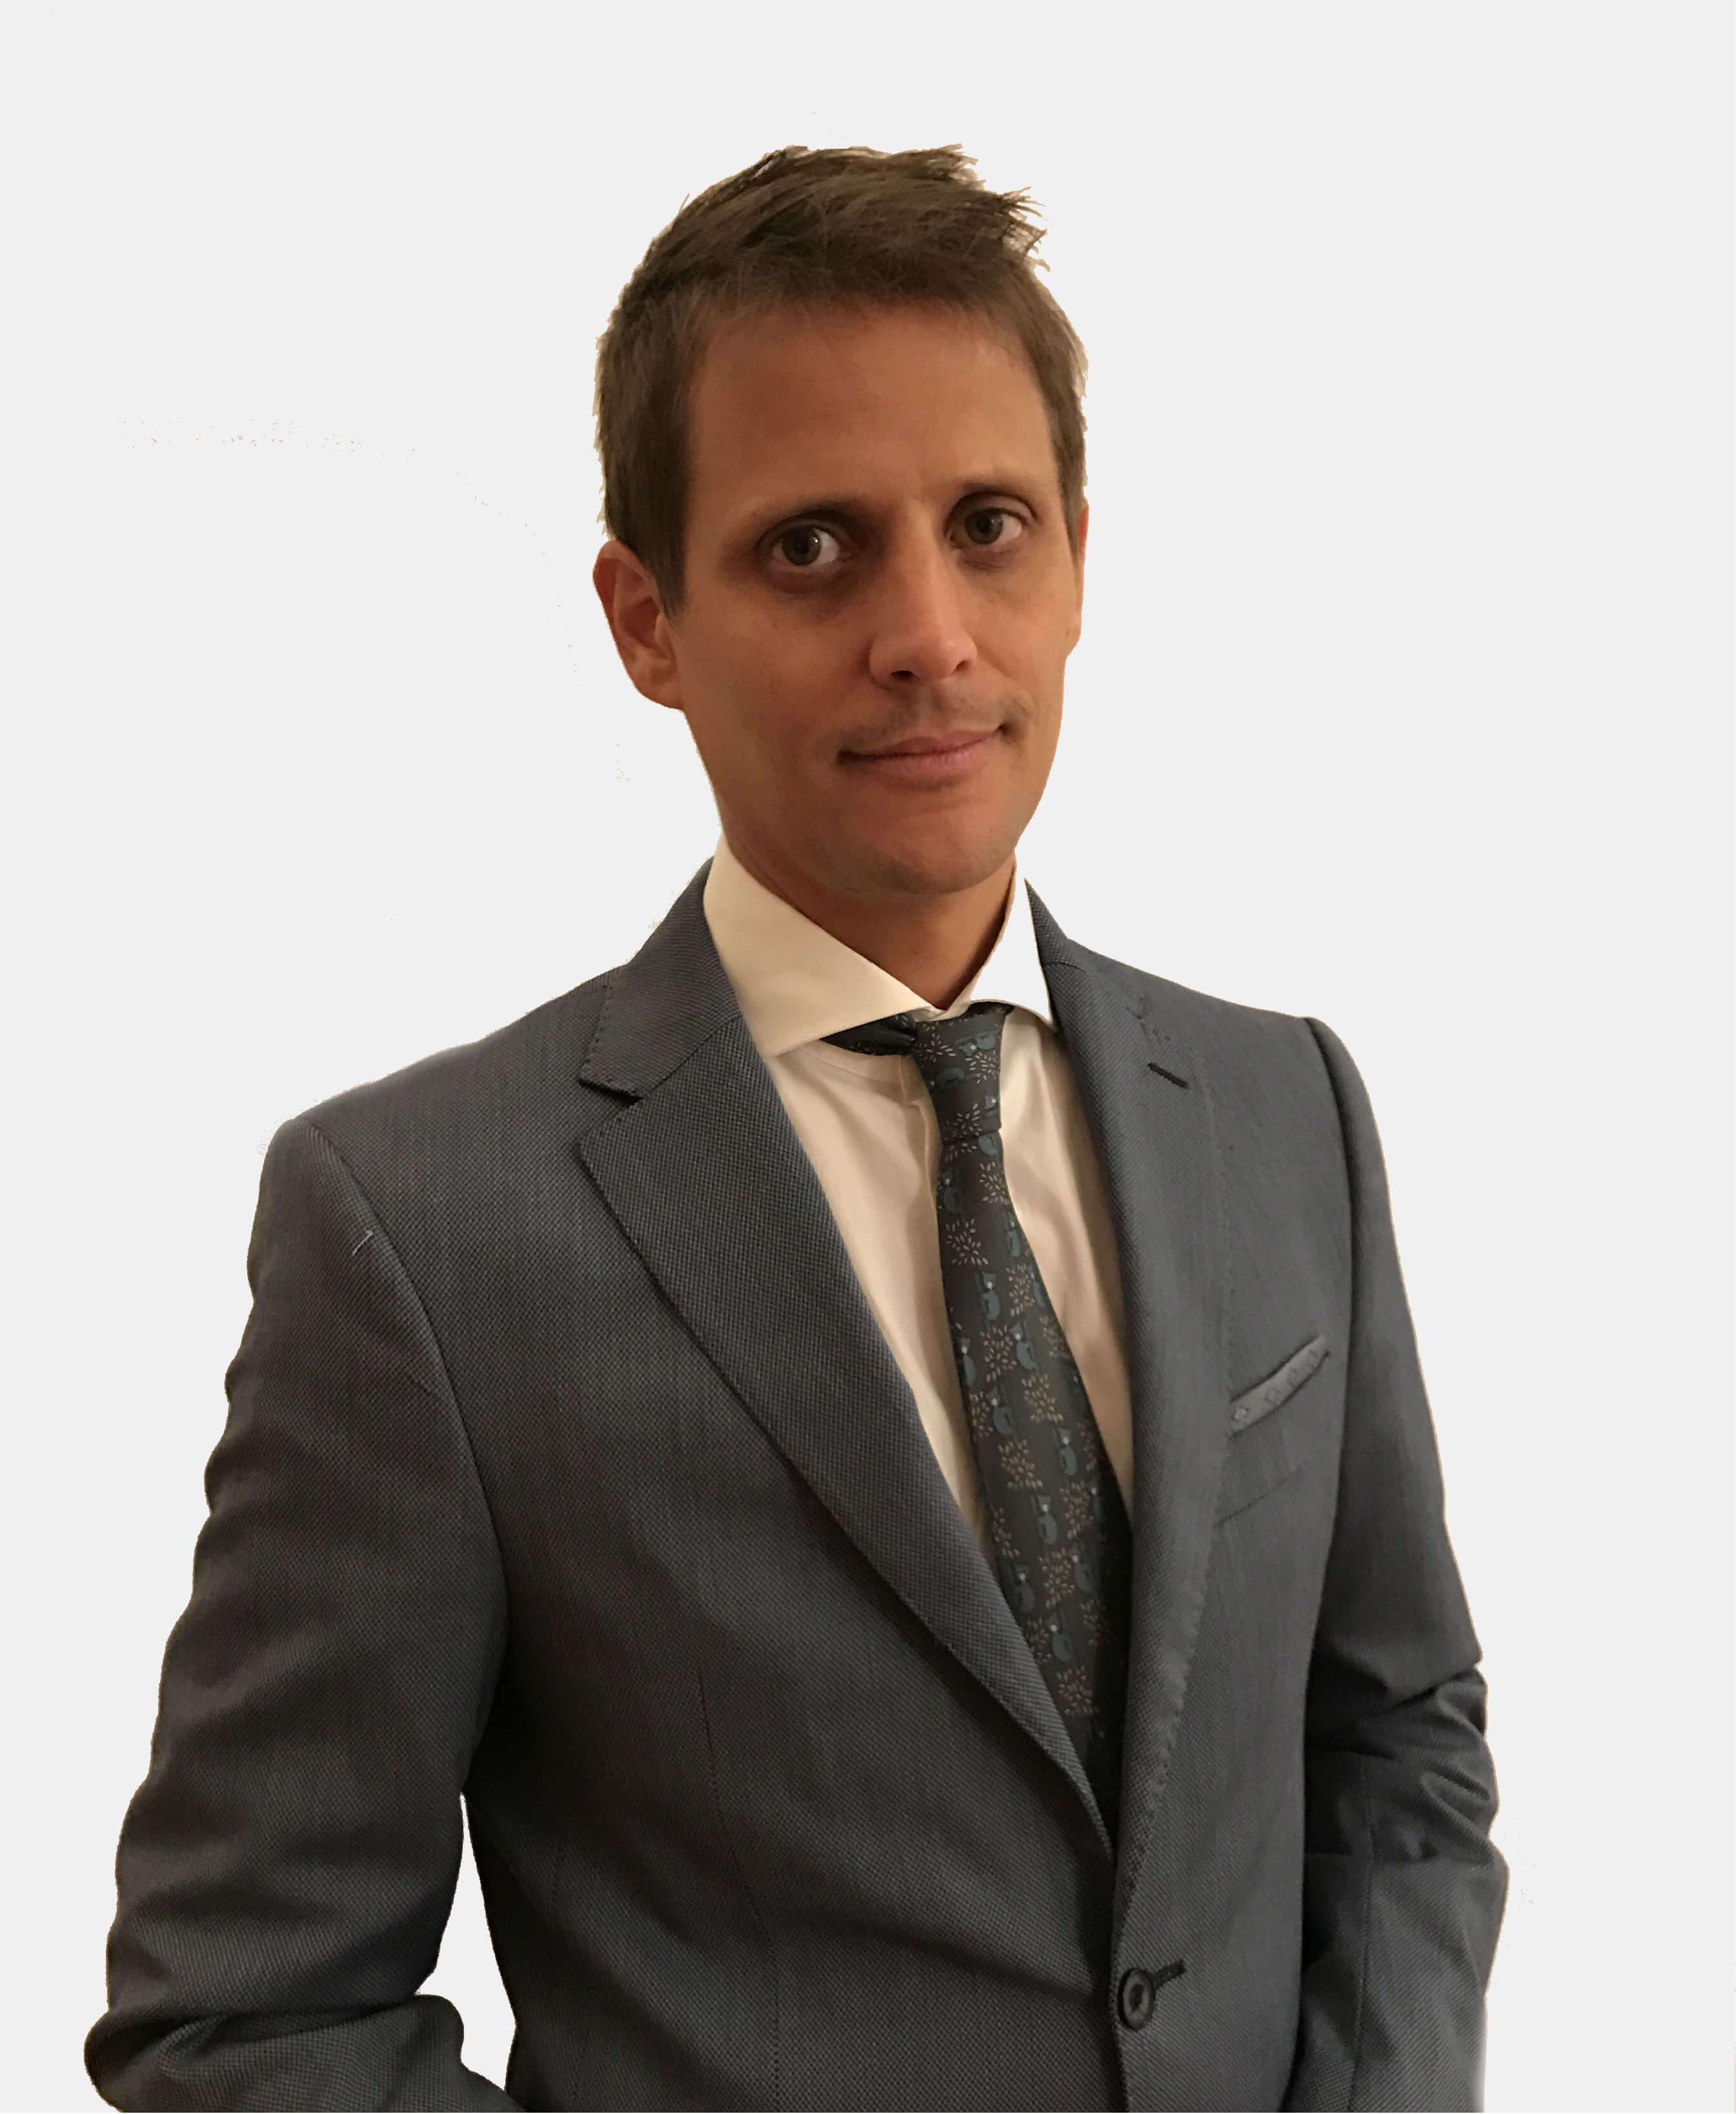 Dr Giacomo Piccirilli